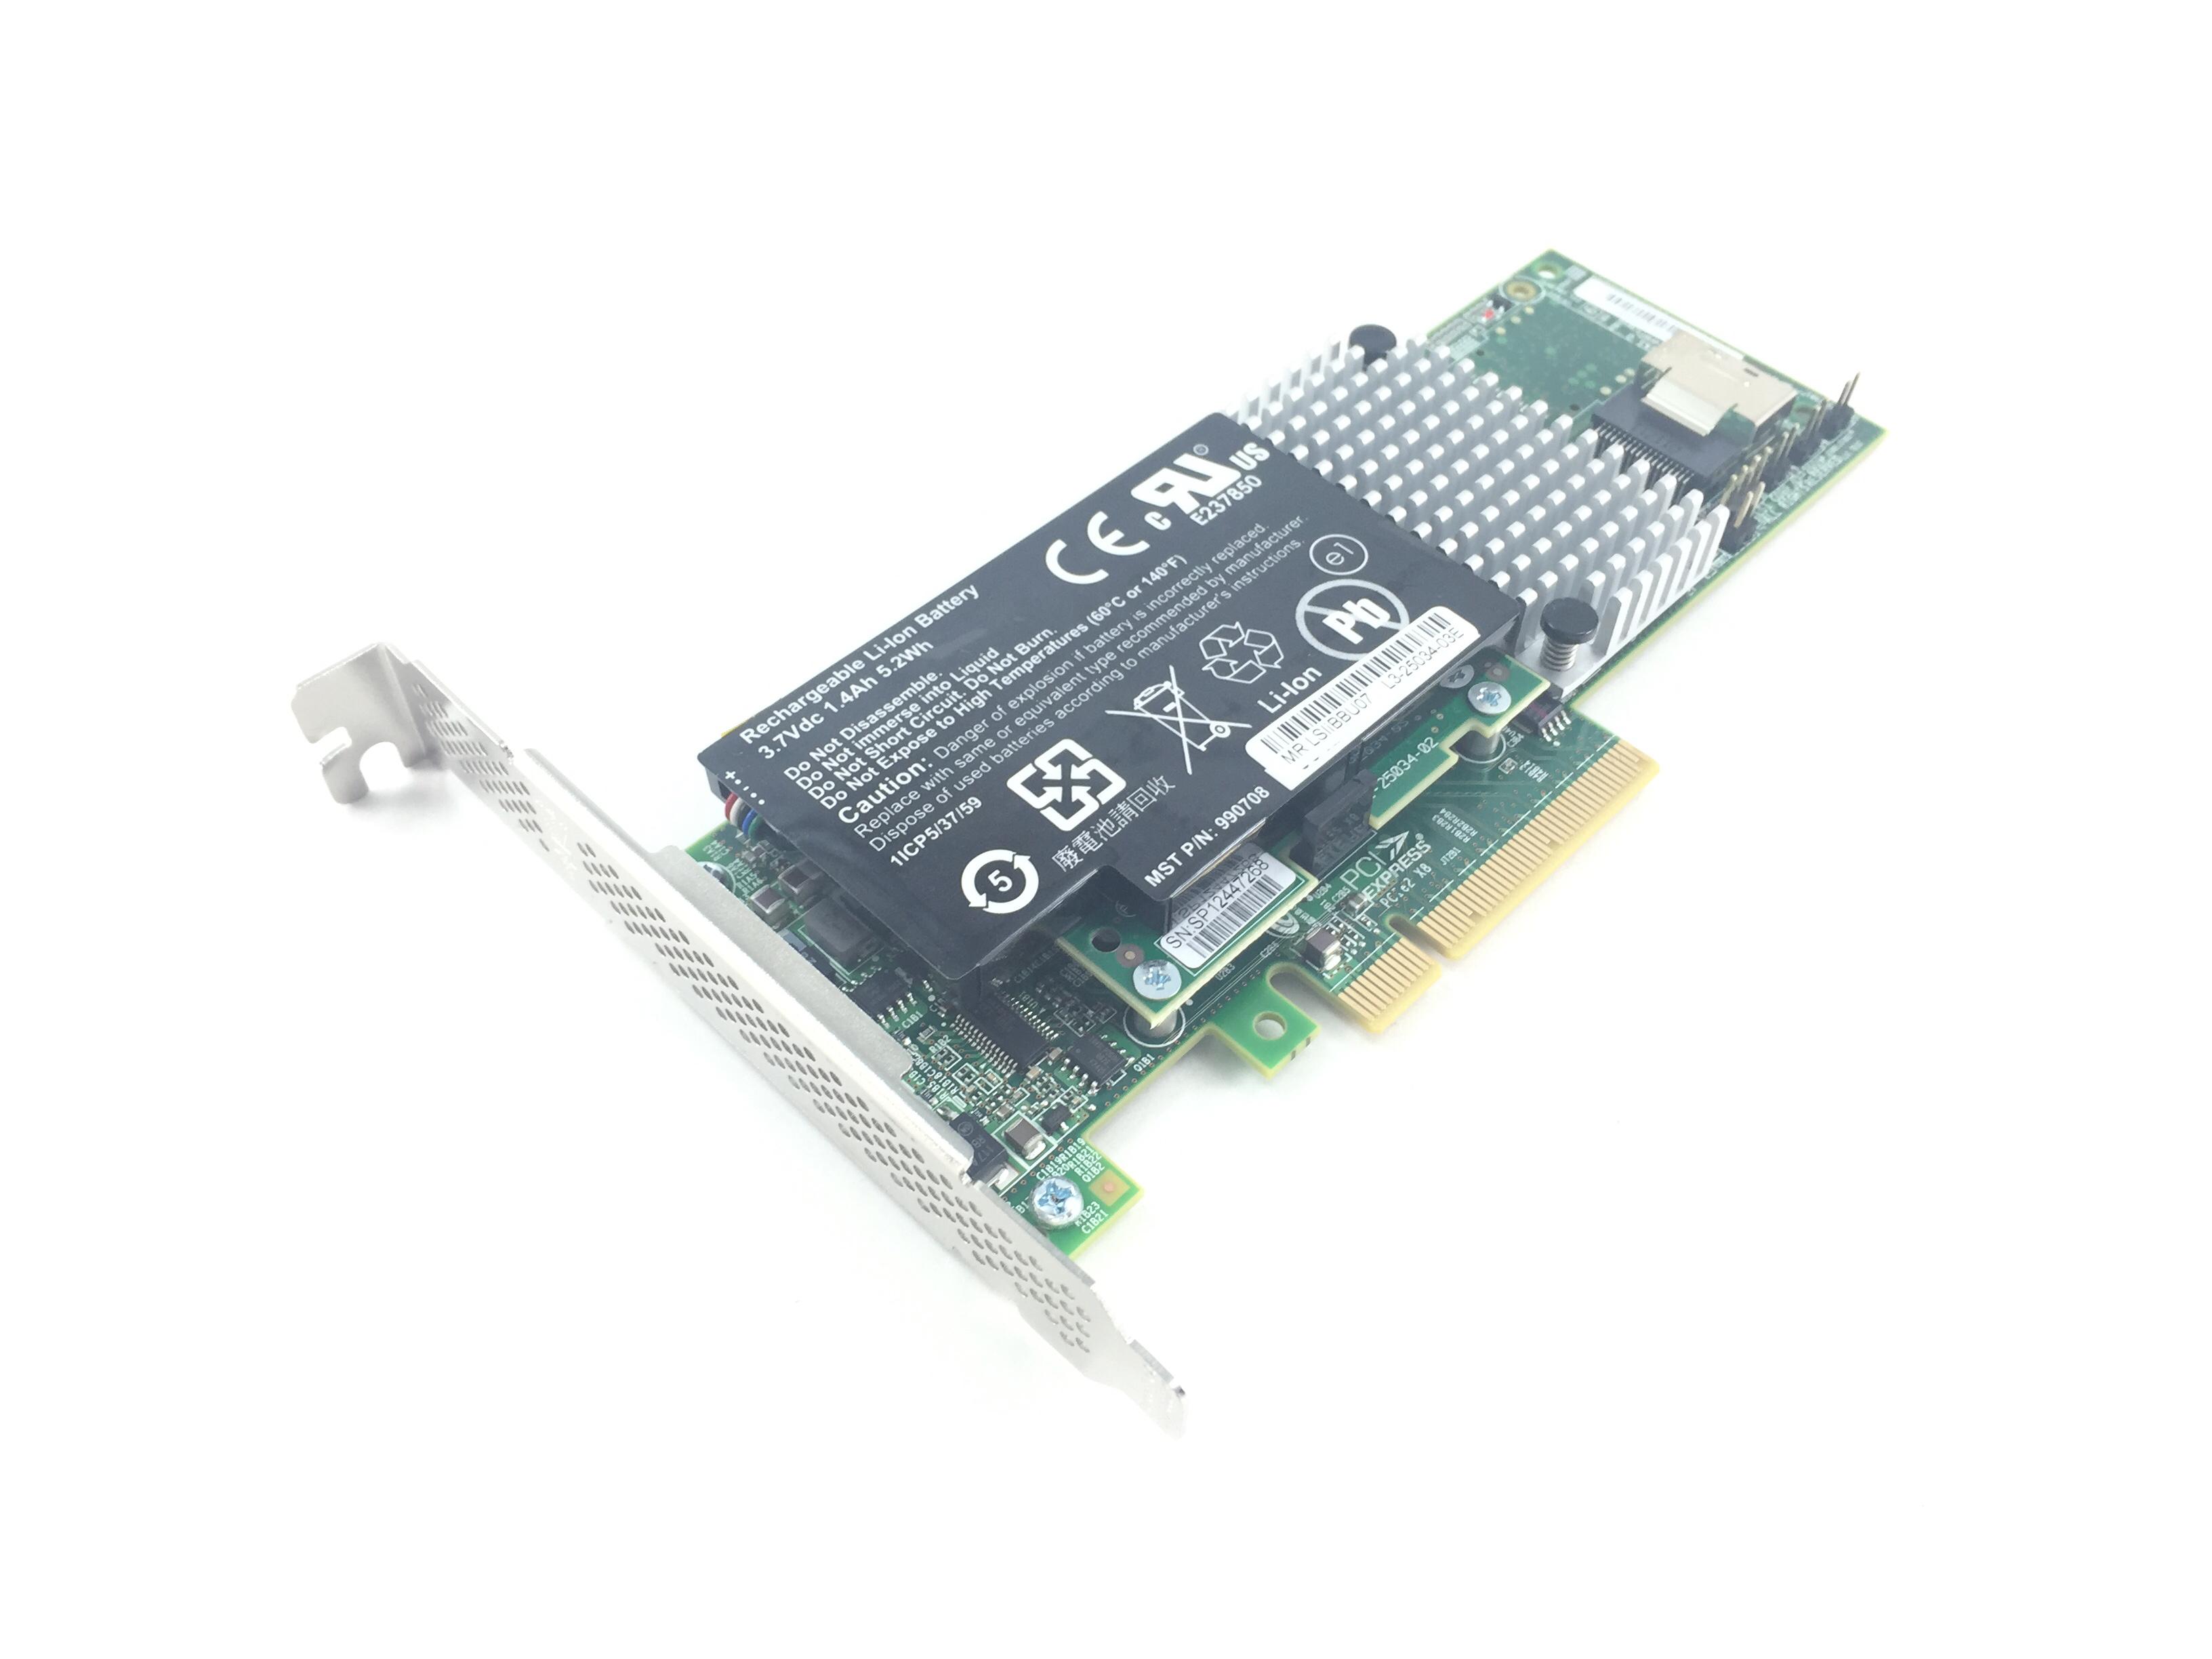 Lsi 3Ware 6Gbps 4-Port PCI-E X8 SAS/SATA Raid Controller (9750-4I)